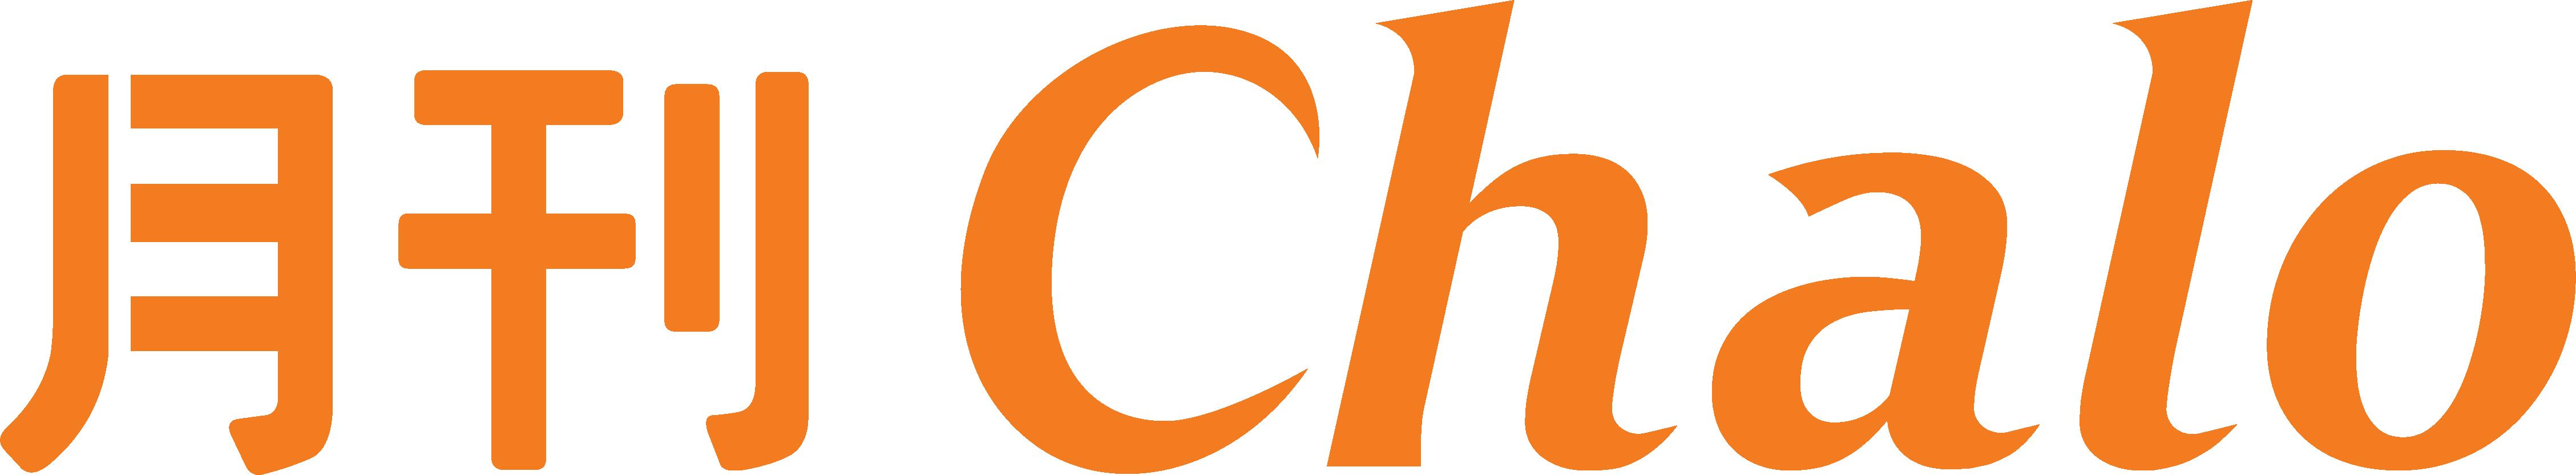 月刊Chalo | インド在住日本人向け最新情報満載のフリーペーパー